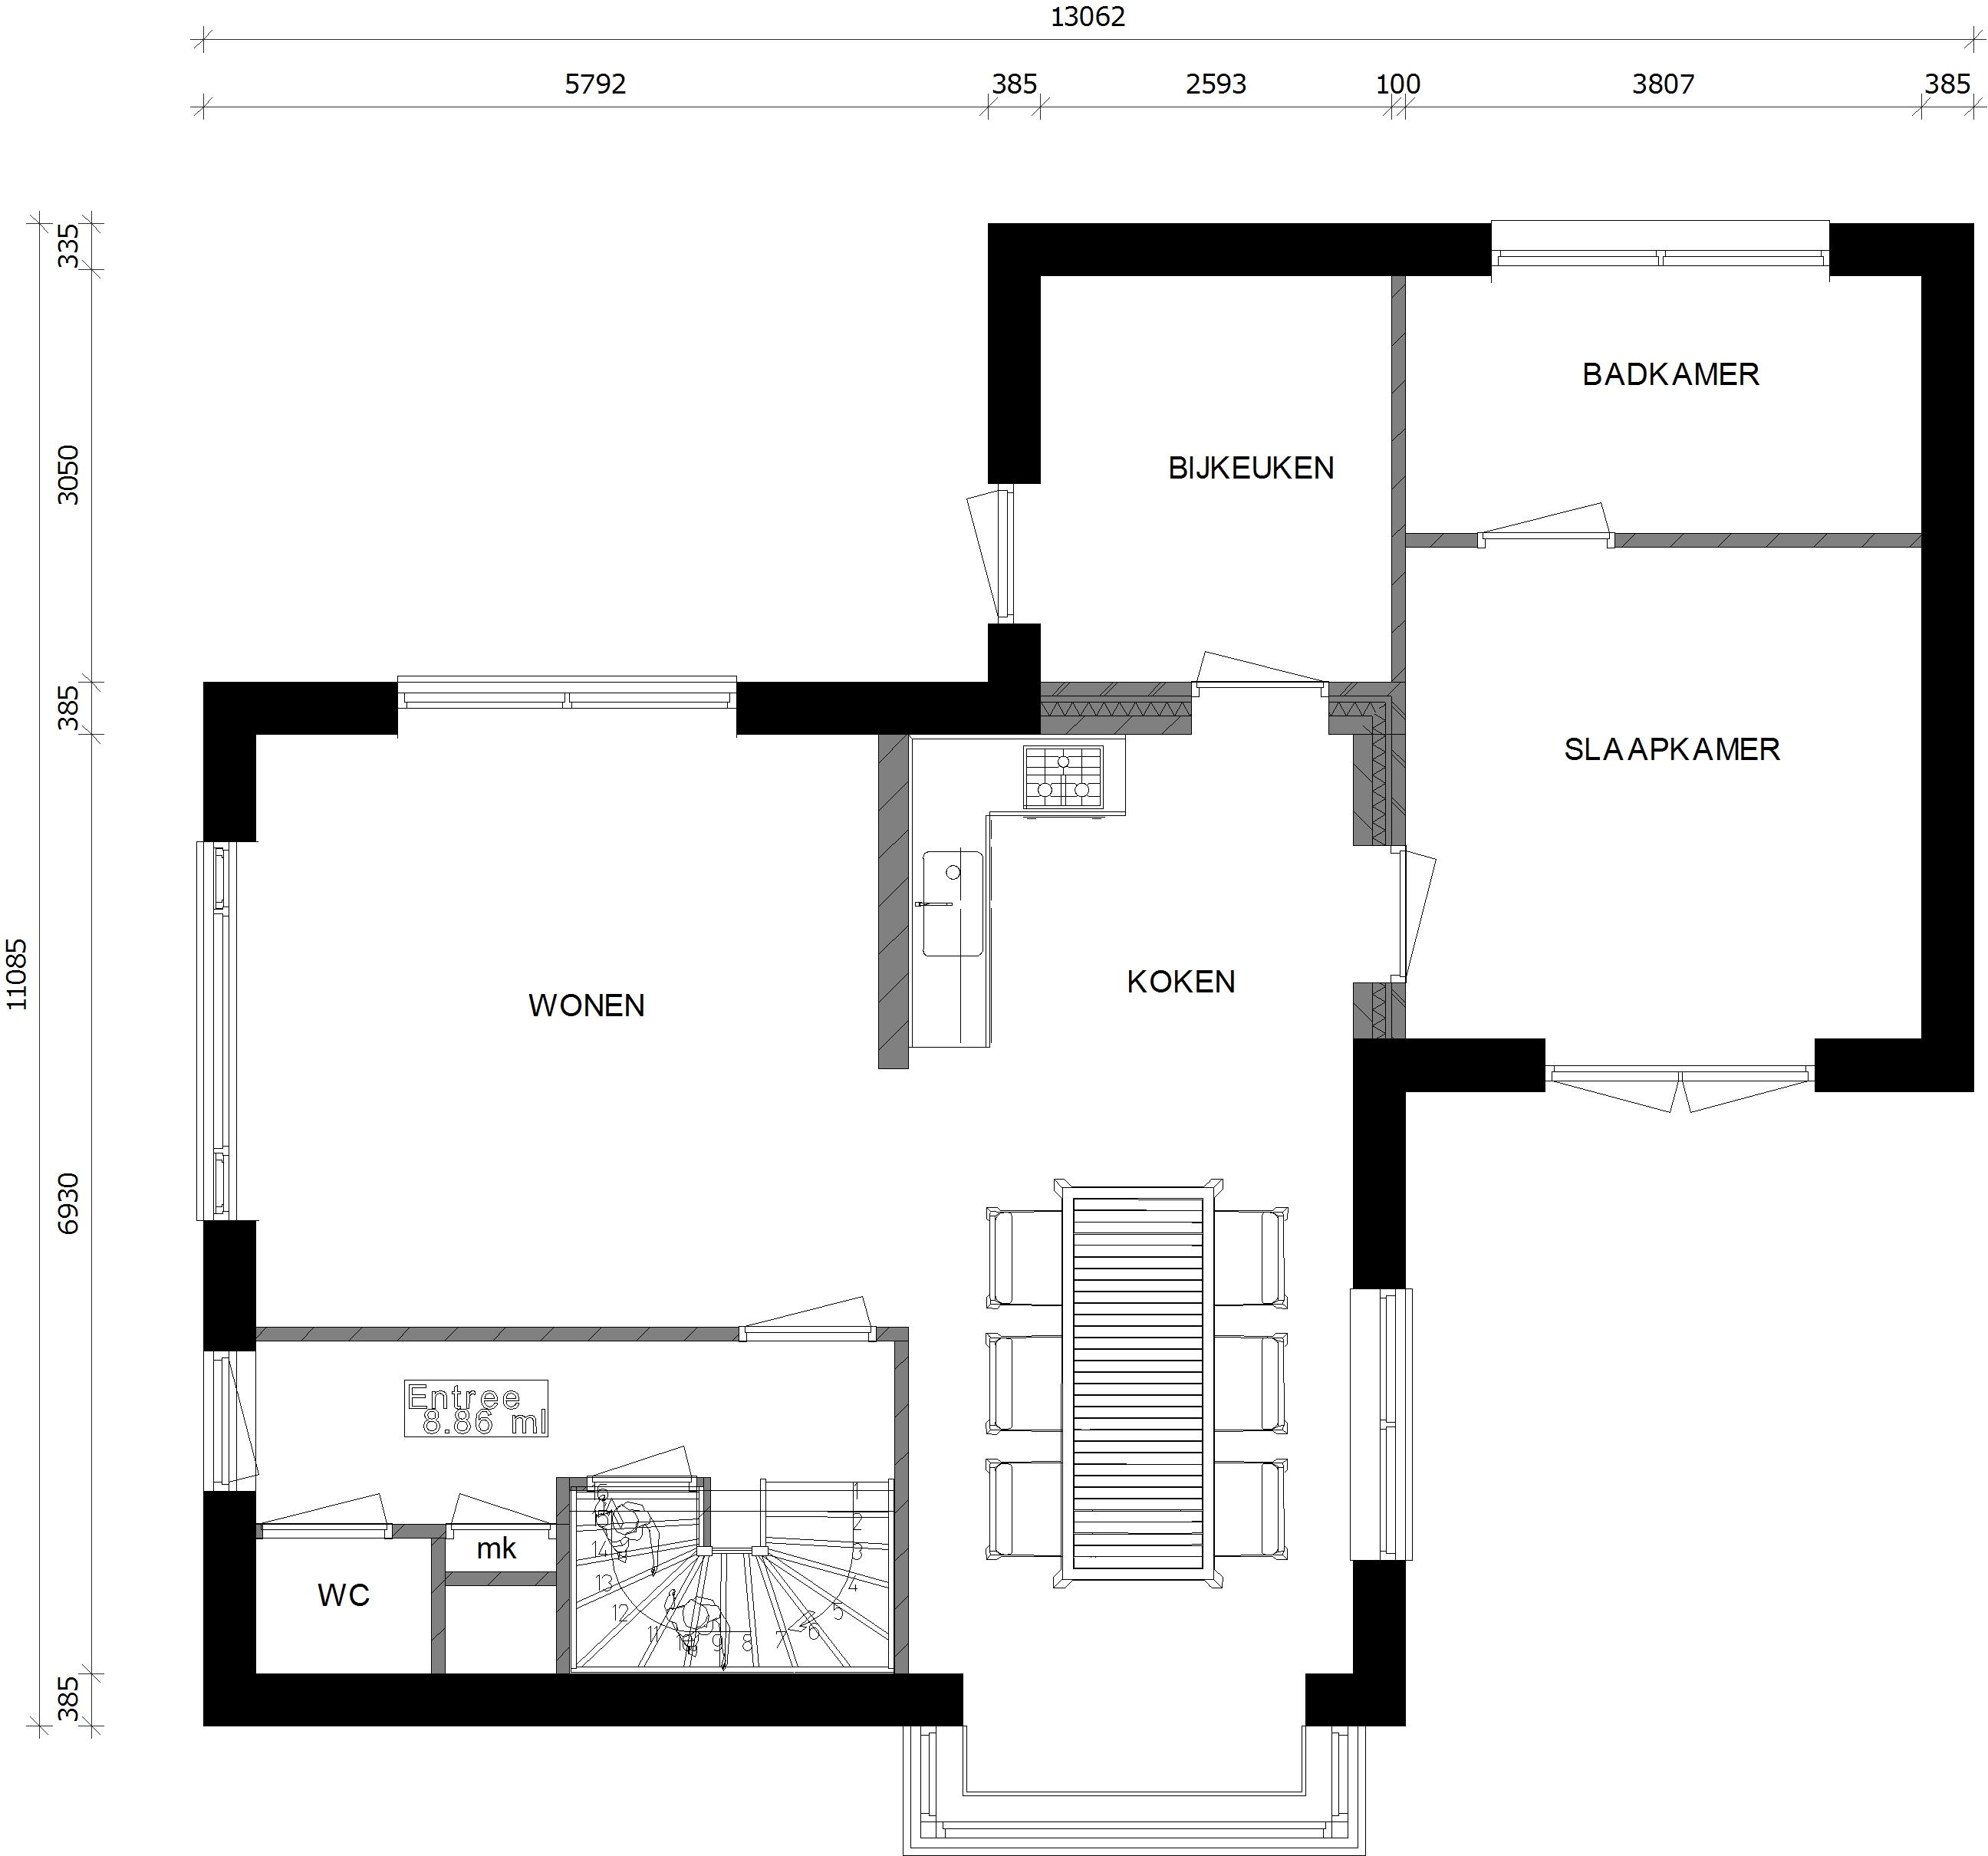 Modellen - Slaapkamer met kleedkamer en badkamer ...